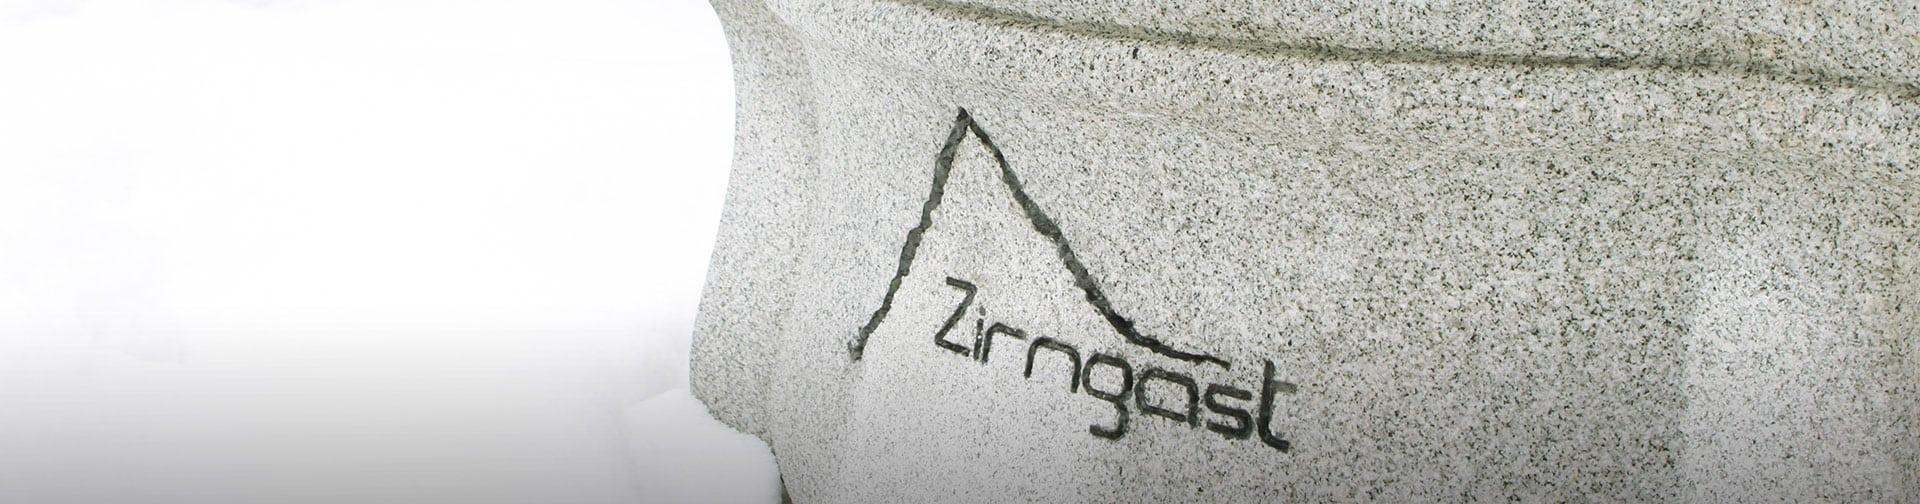 Winterpreise - Camping Zirngast in Schladming